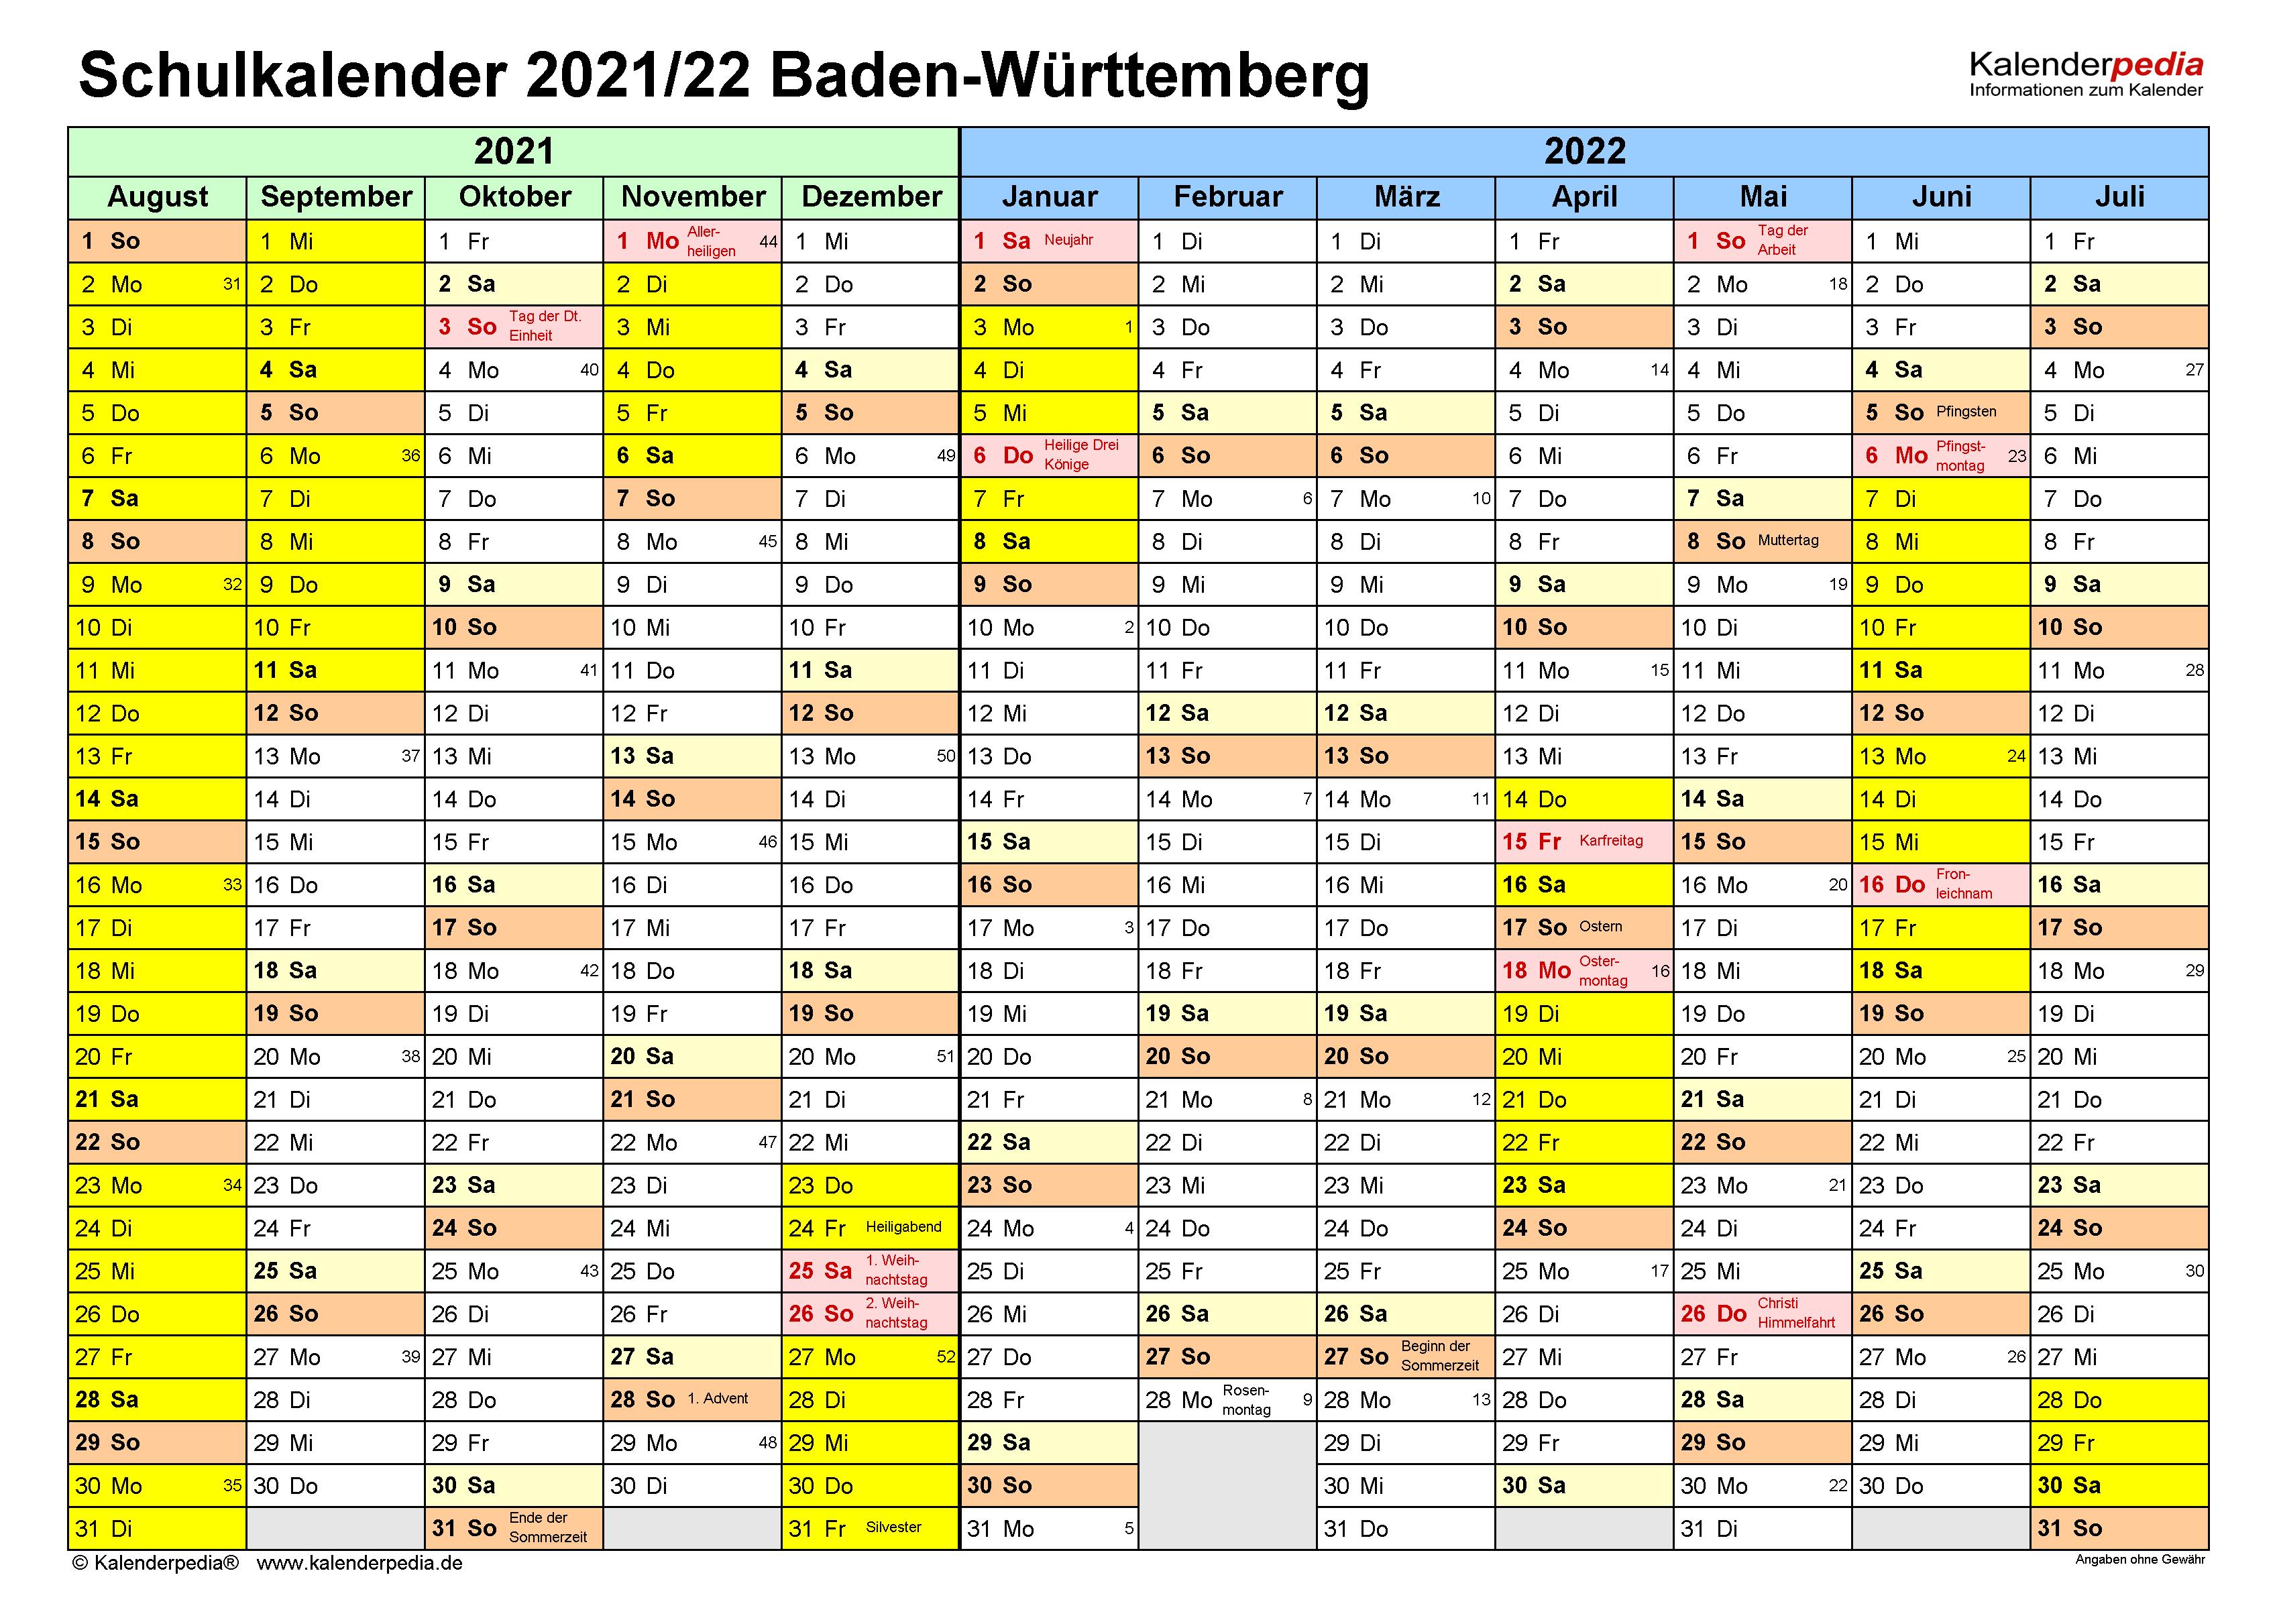 Ferien Bw 2021 Faschingsferien / FERIEN Baden-Württemberg ...